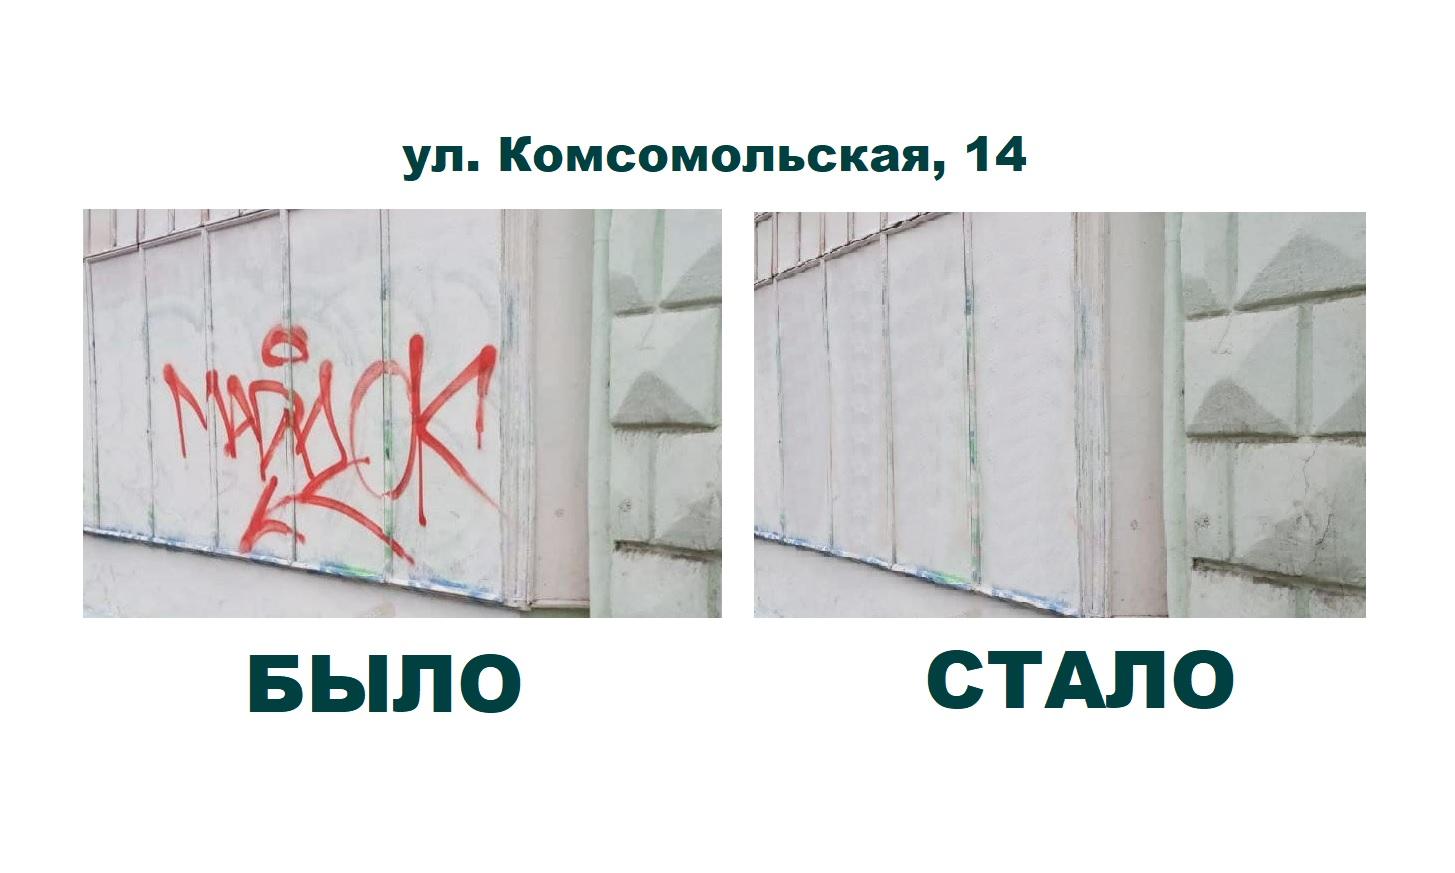 Центр управления регионом помогает приводить Ярославль в порядок